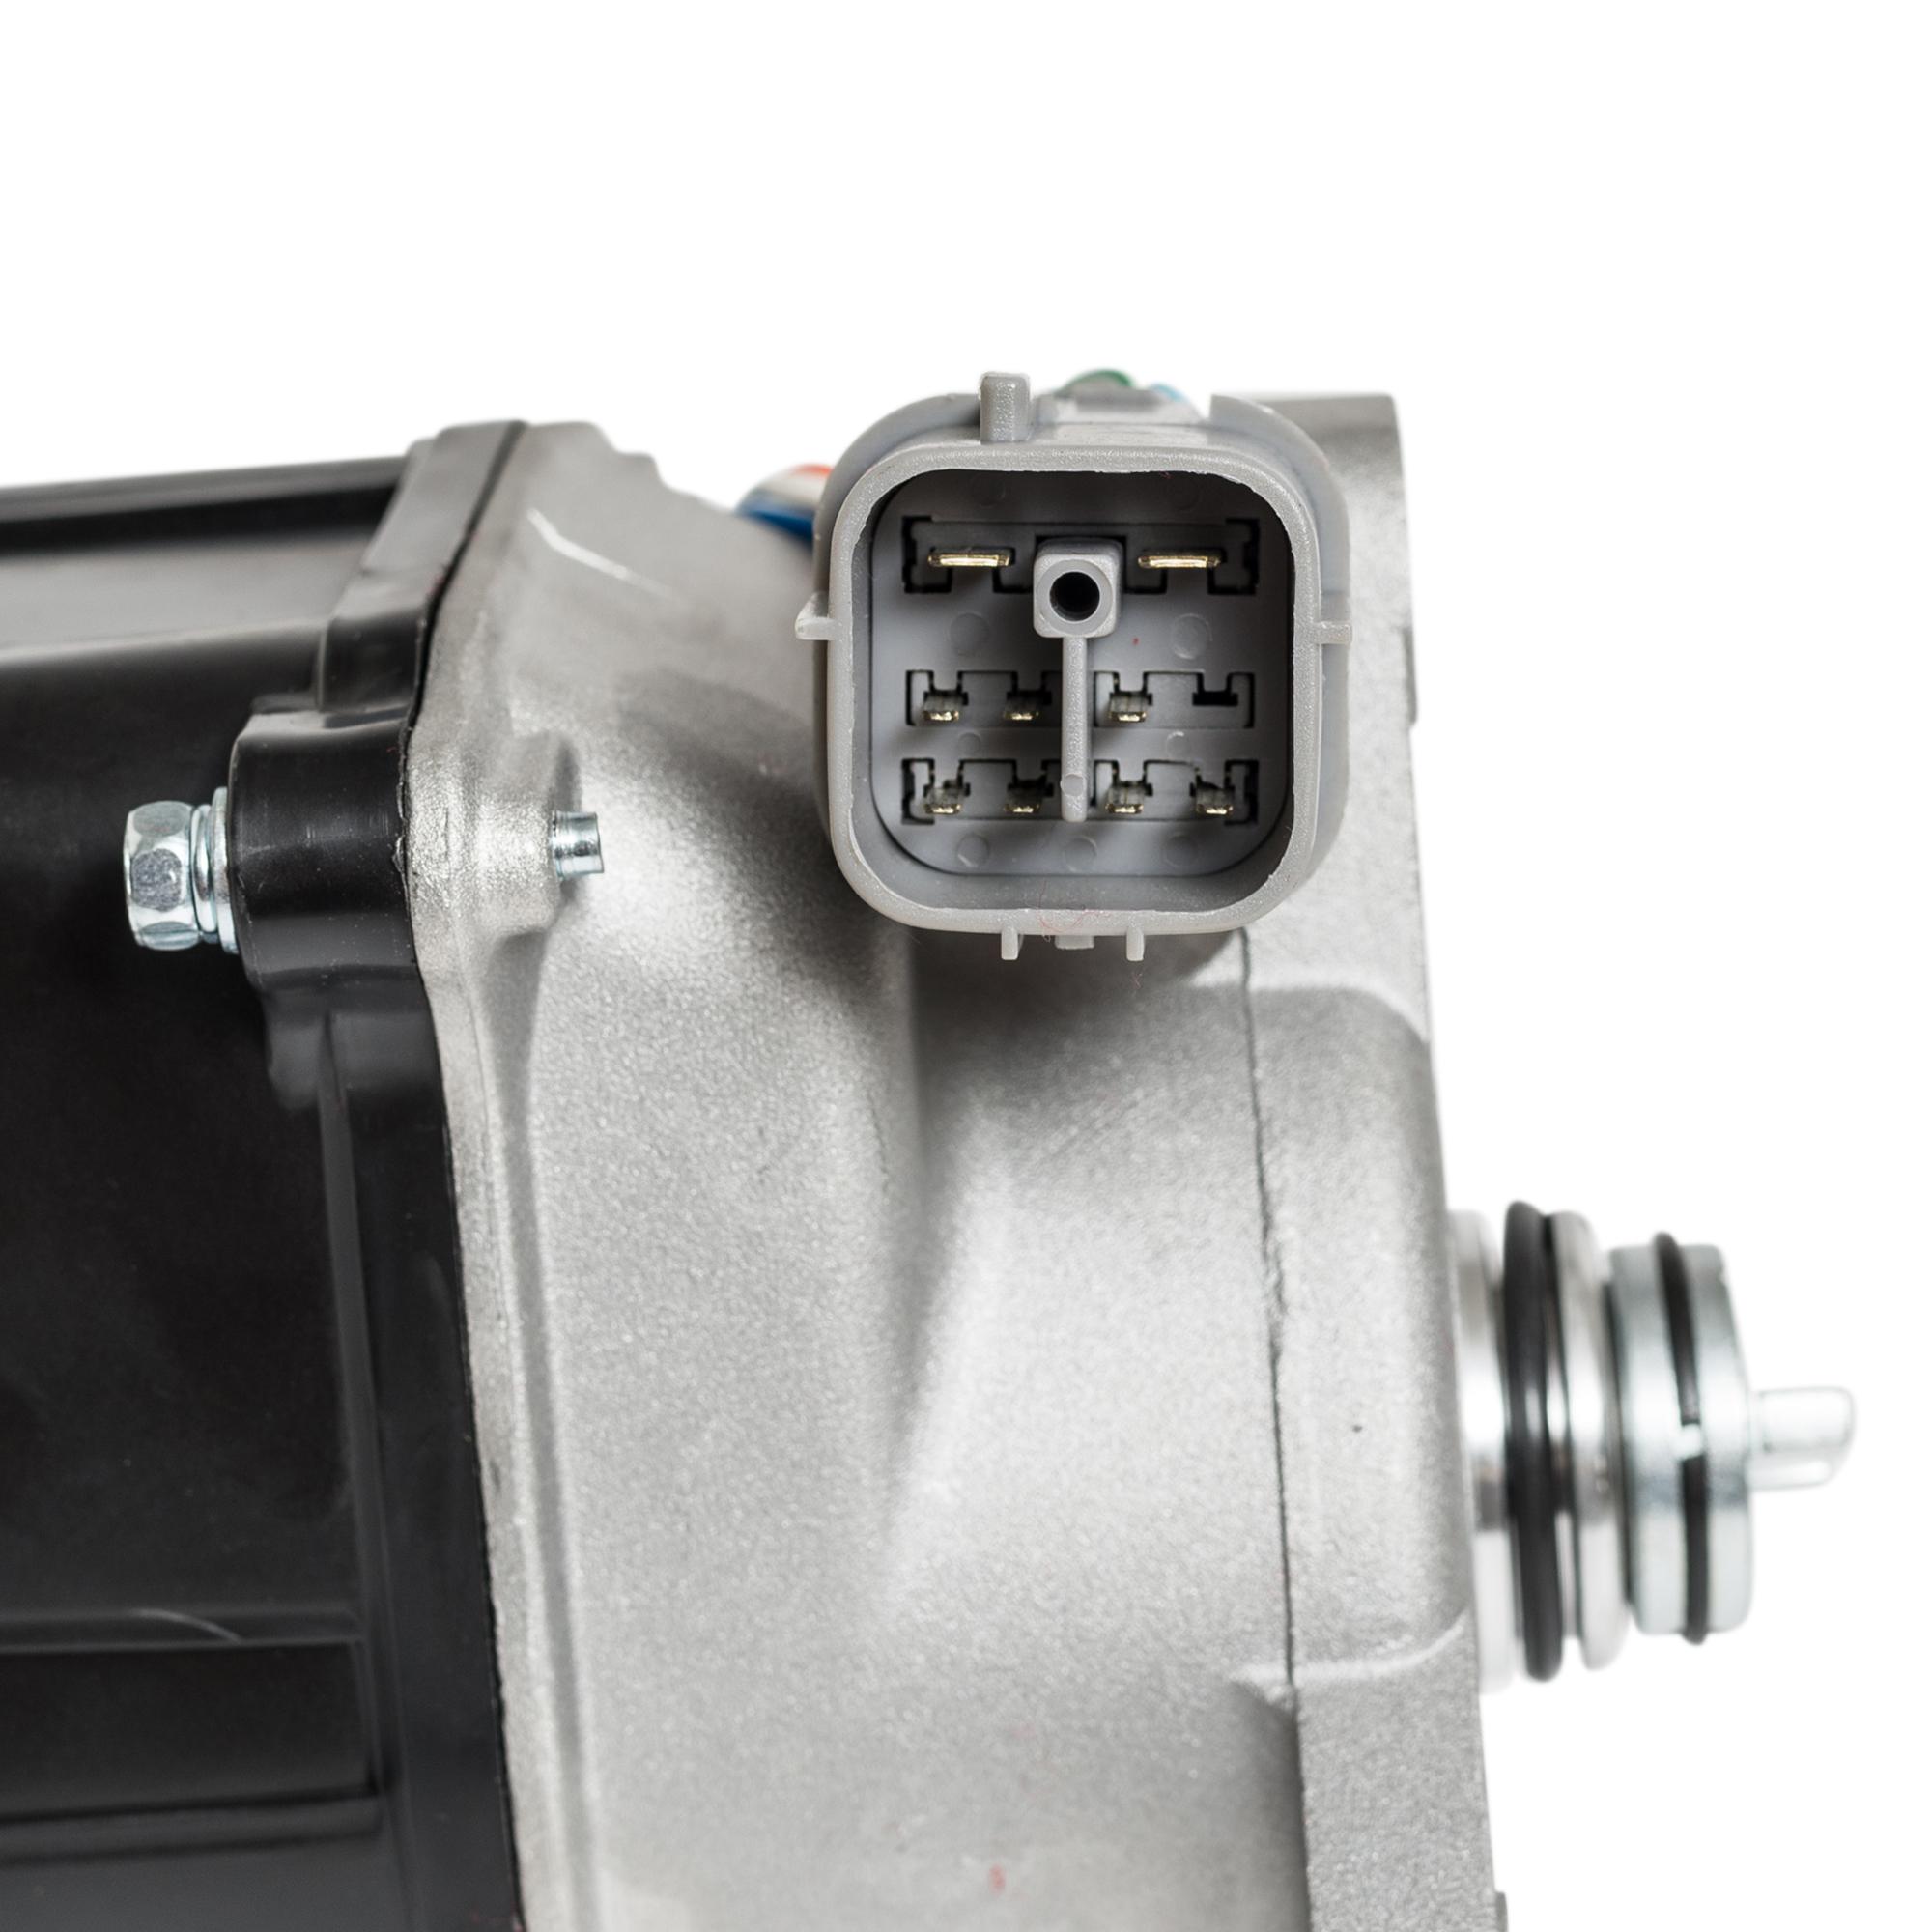 Ignition Distributor 1996-2001 Acura Integra 1.8L L4 DOHC